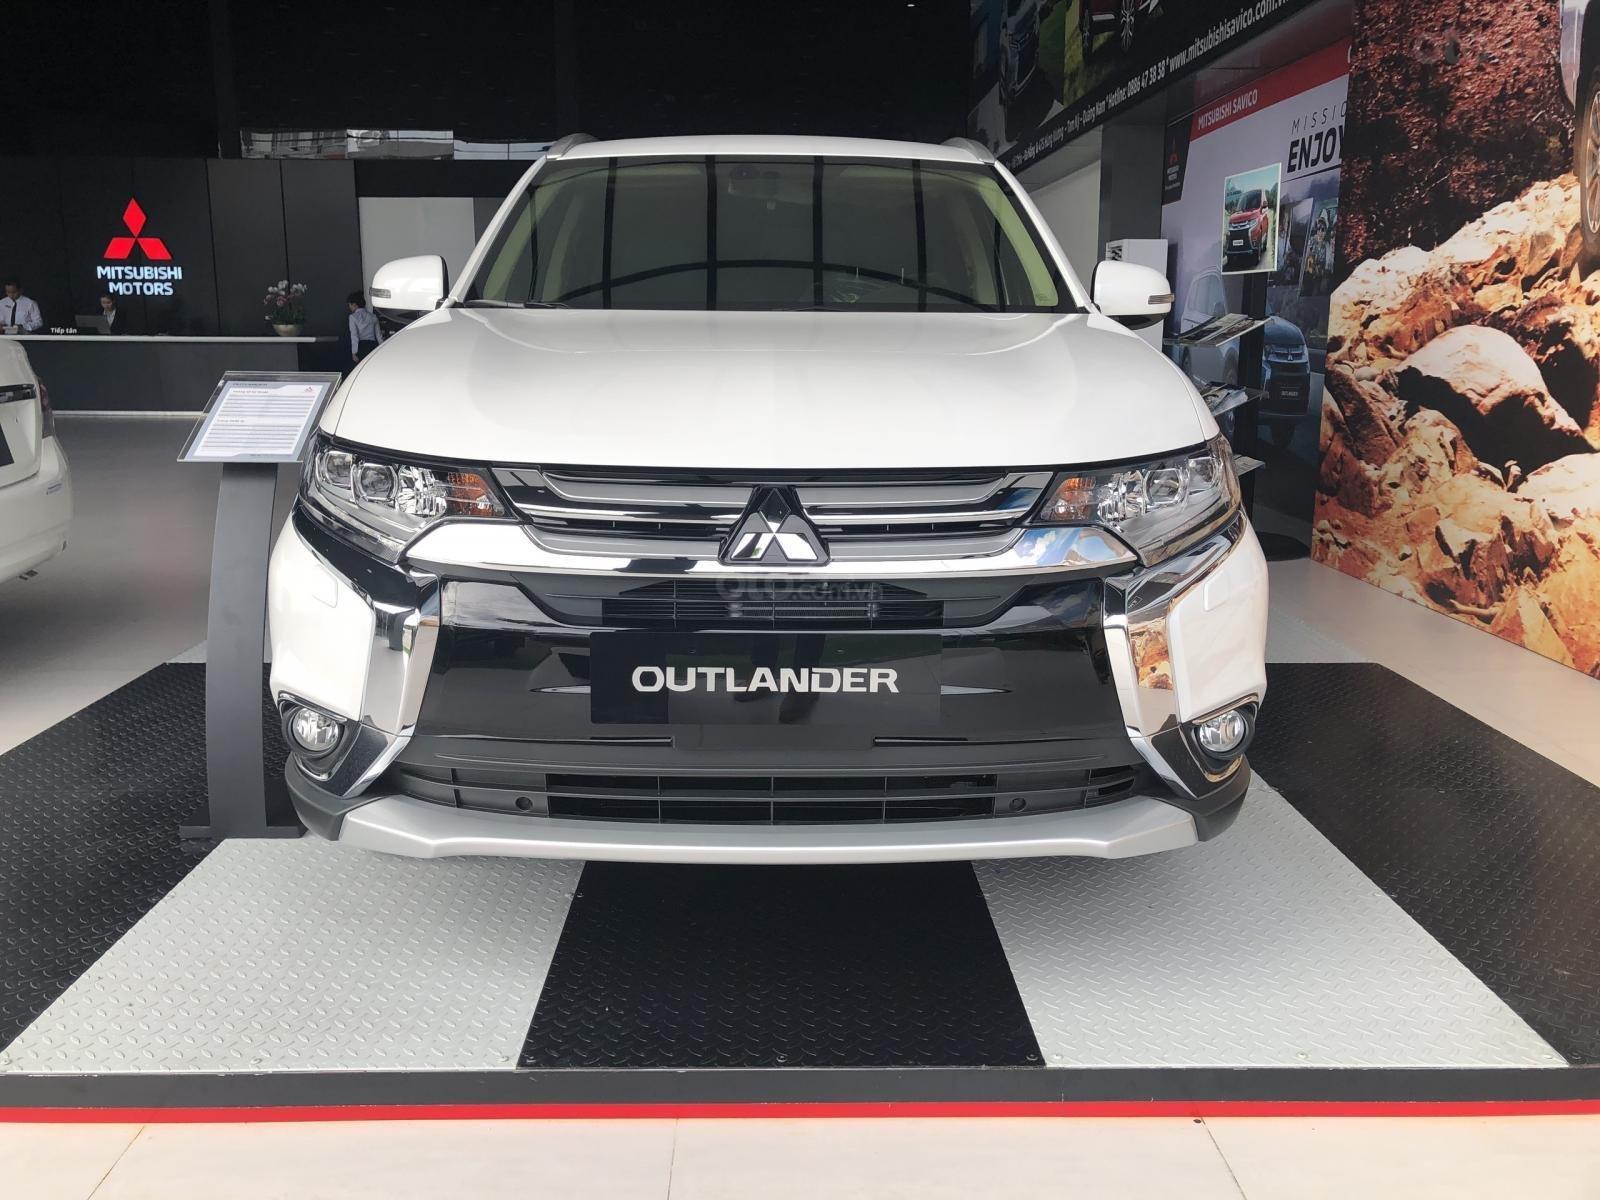 """""""Hot"""" Mitsubishi Outlander 2019, KM khủng tháng 08, chỉ cần 270tr để sở hữu, liên hệ: 0935.782.728 (Vũ Quang)-0"""